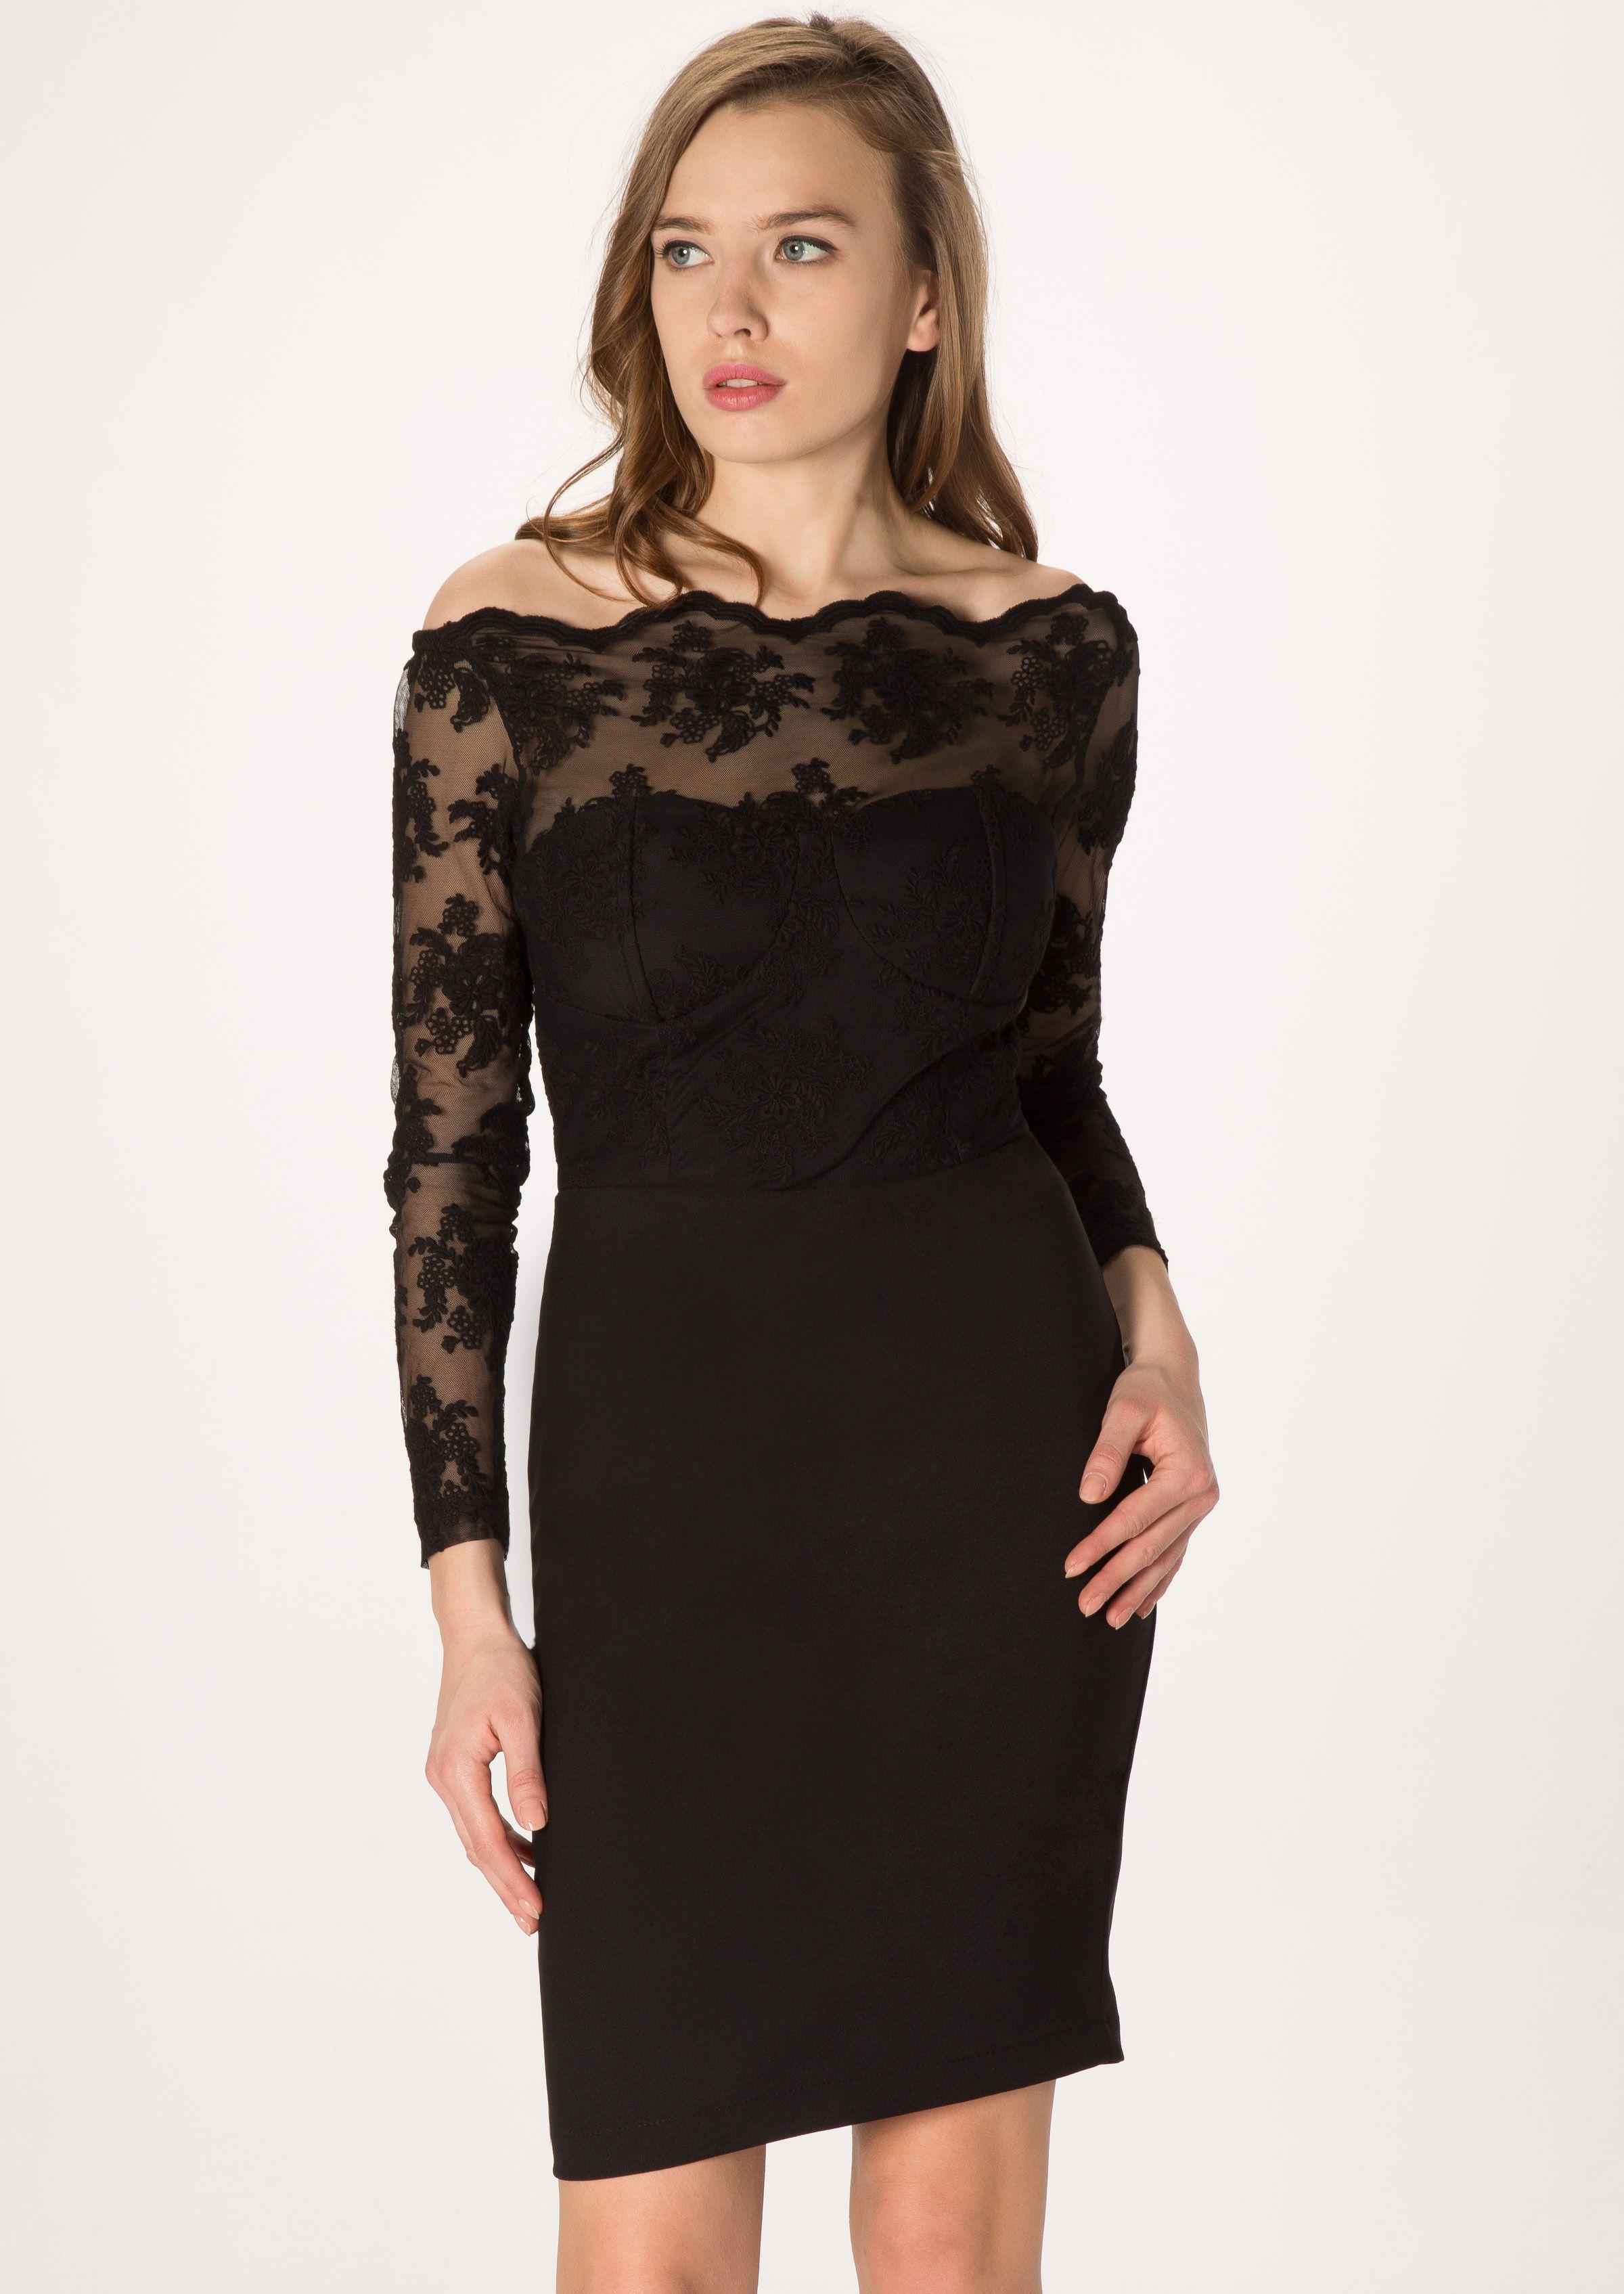 aa16802039de3 Siyah Tül Organze Uzun Kol Kısa Elbise #elbise #siyahelbise #abiye  #danteldetay #